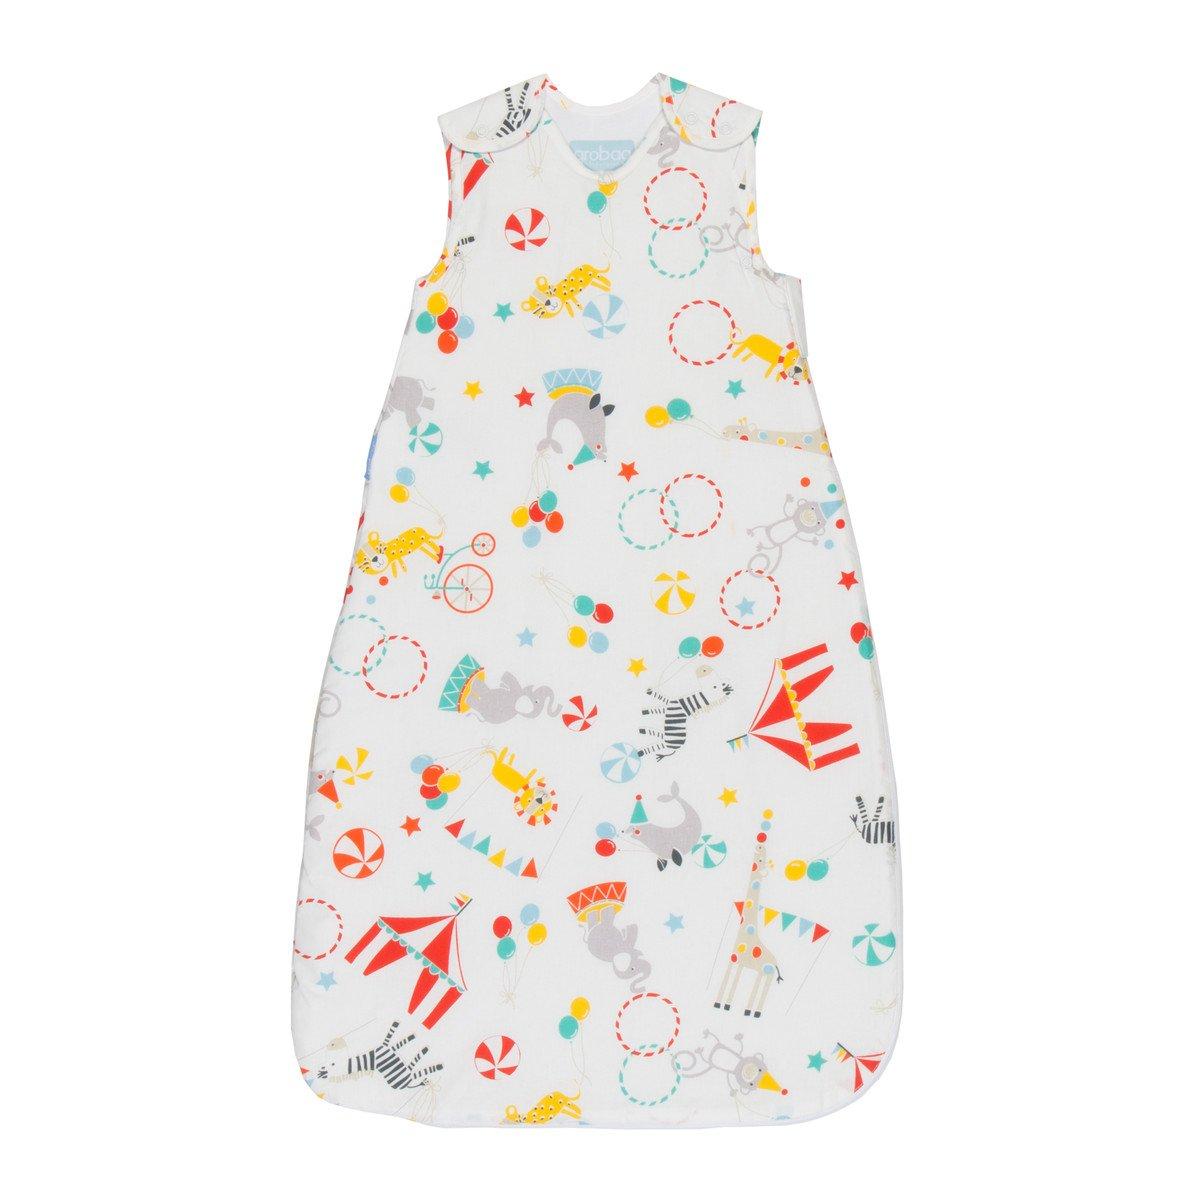 Grobag Pack de 2 Sacos para dormir bebé 2.5 tog, Multicolor,